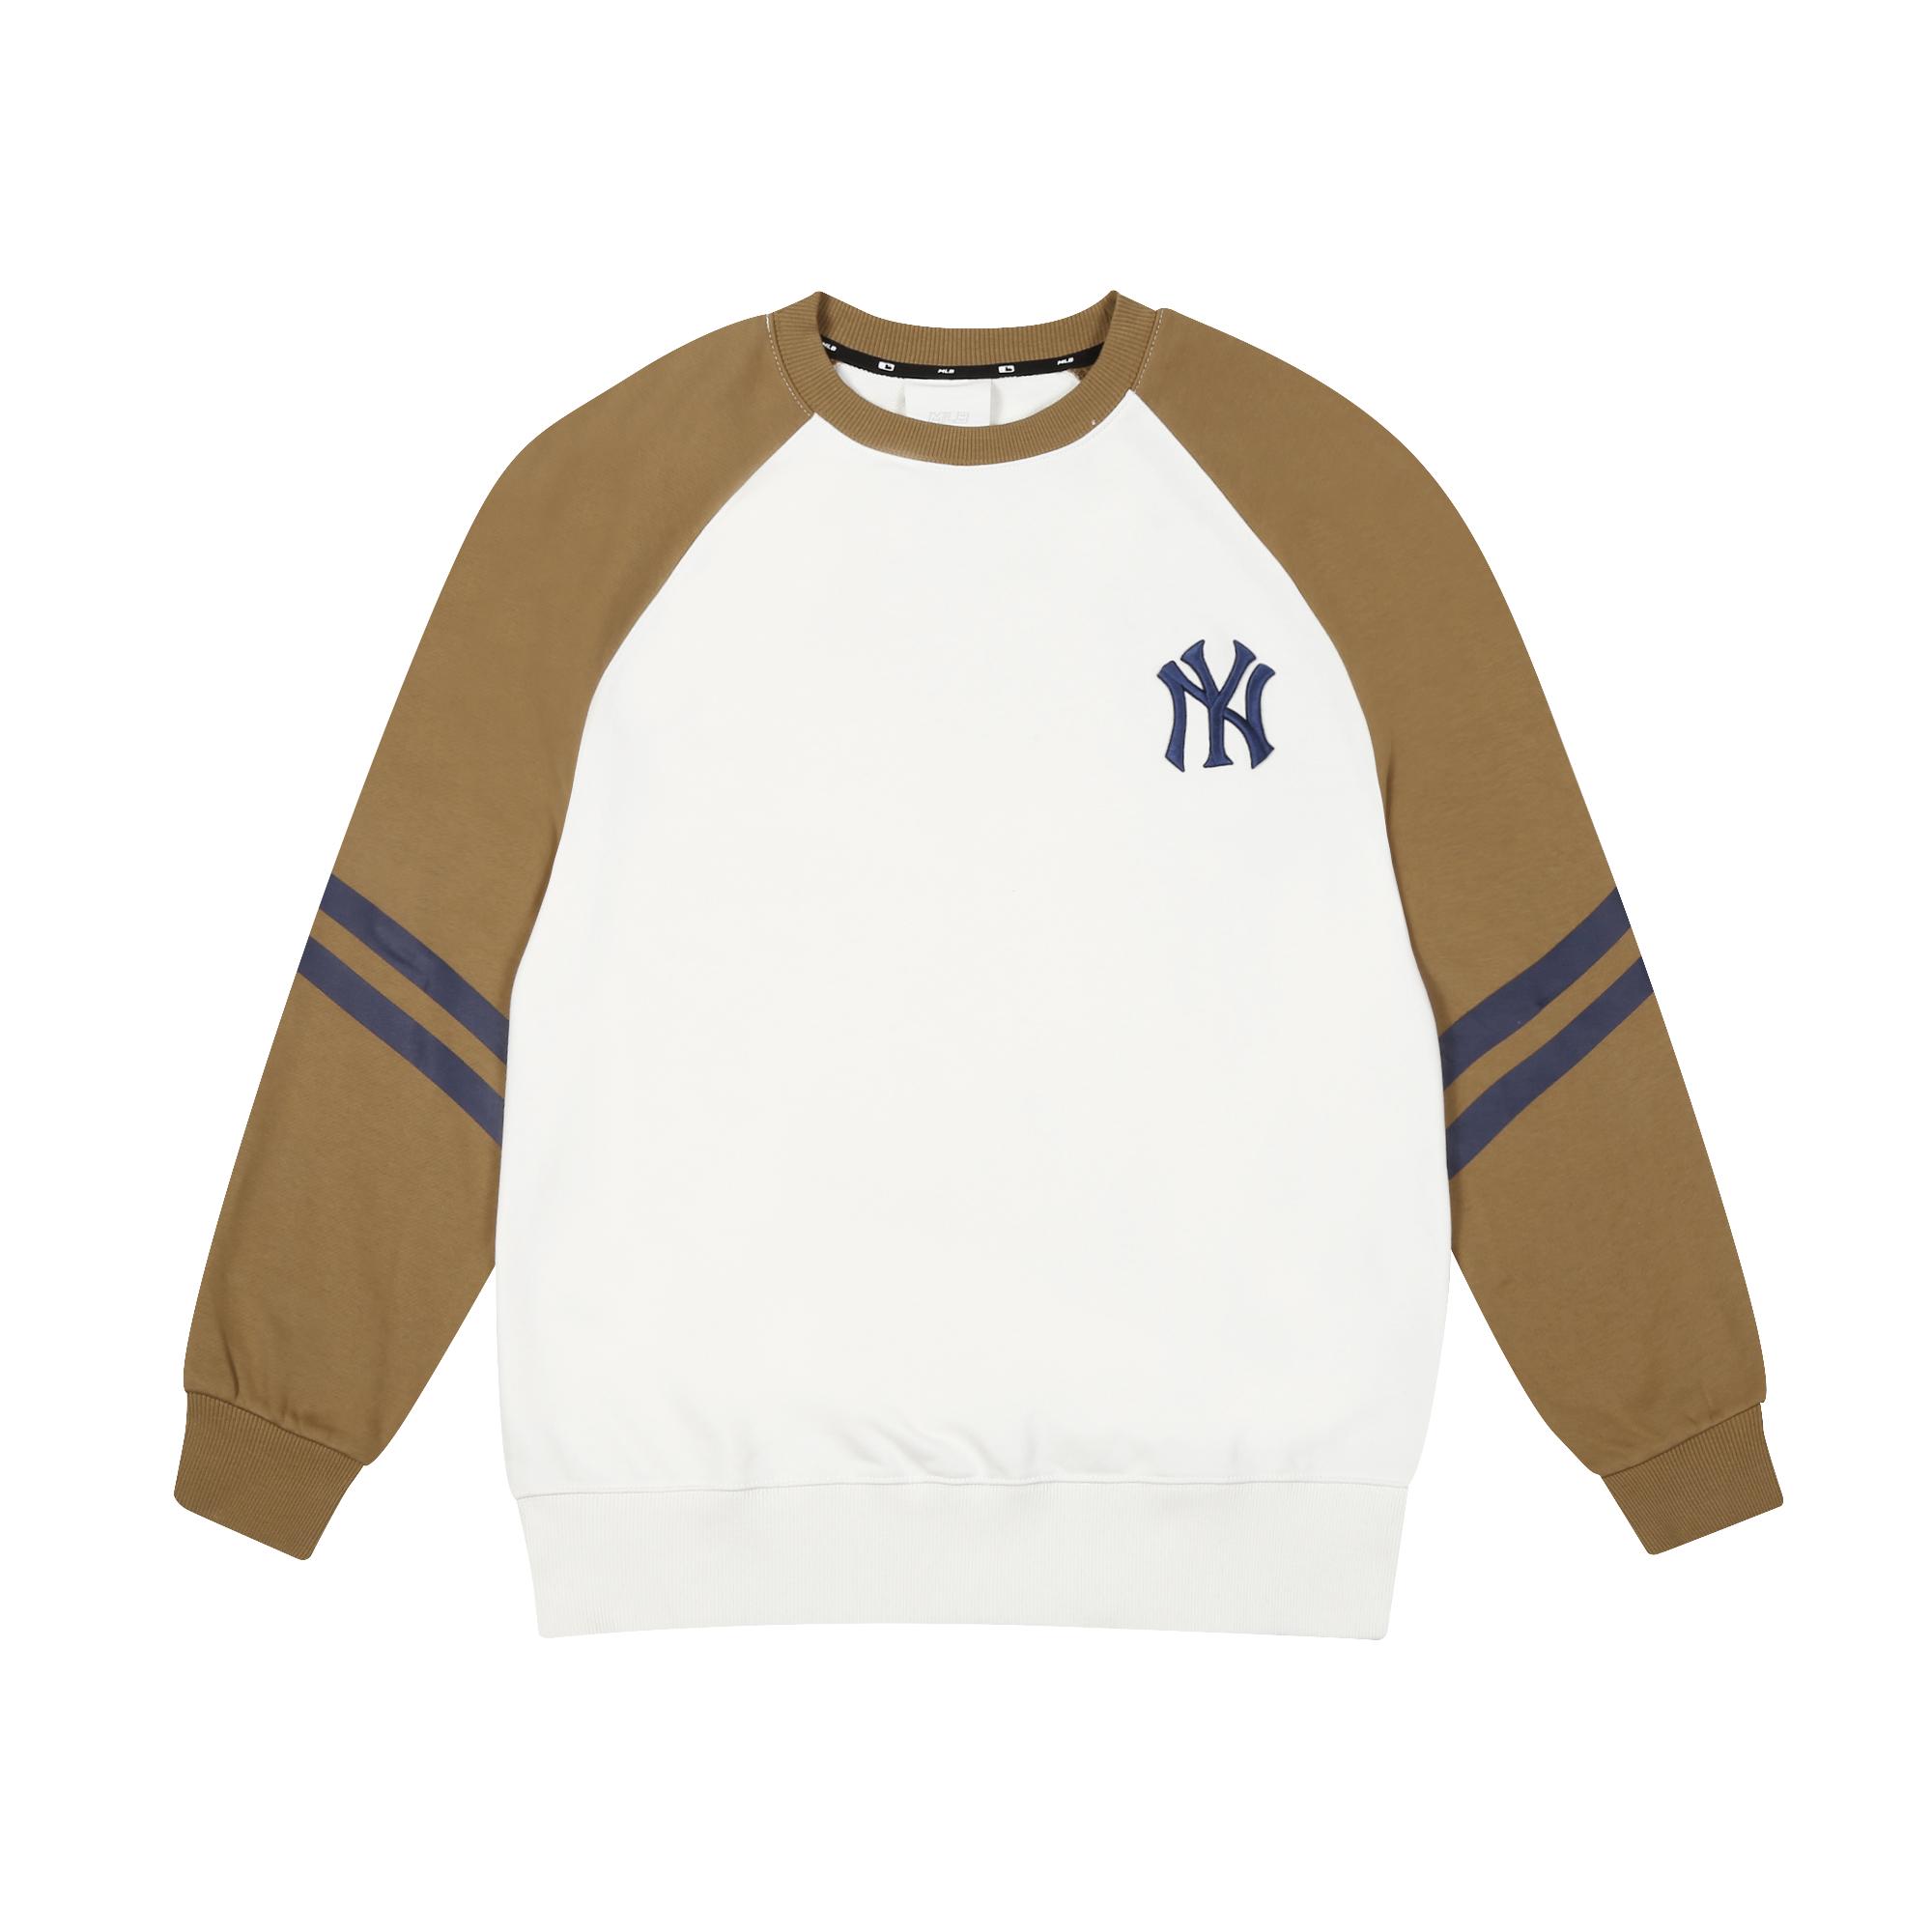 탑골 소매배색 나글란 오버핏 맨투맨 뉴욕양키스